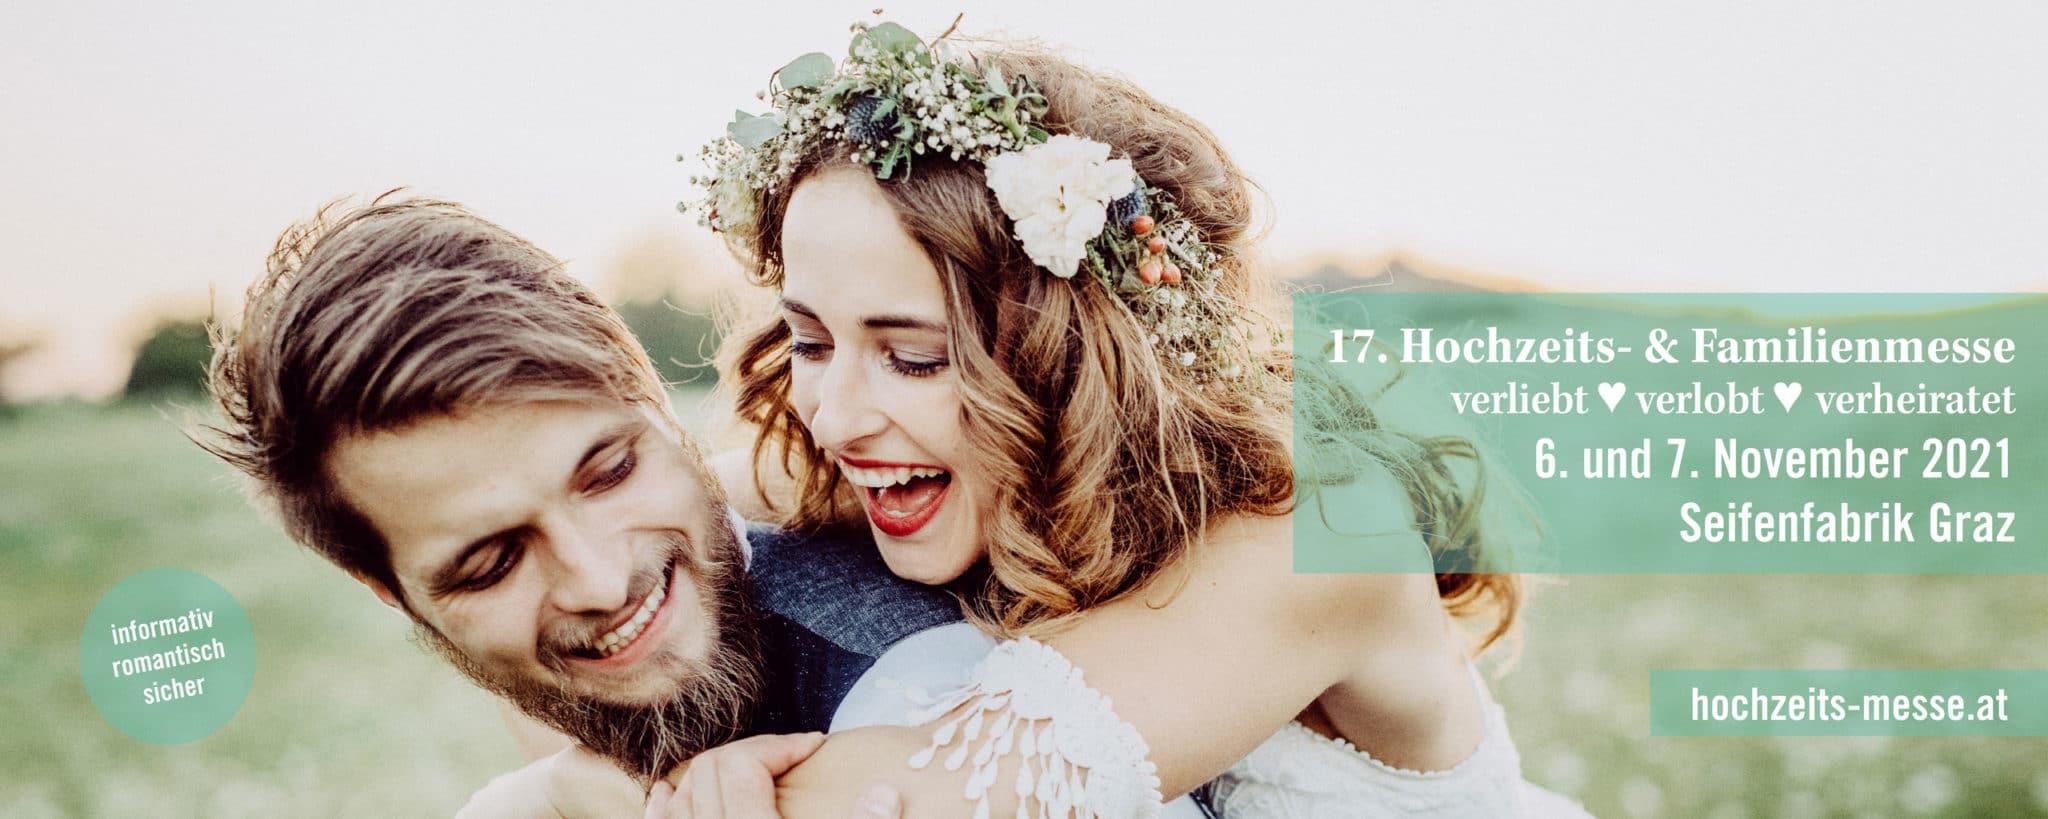 Hochzeitsmesse 2021